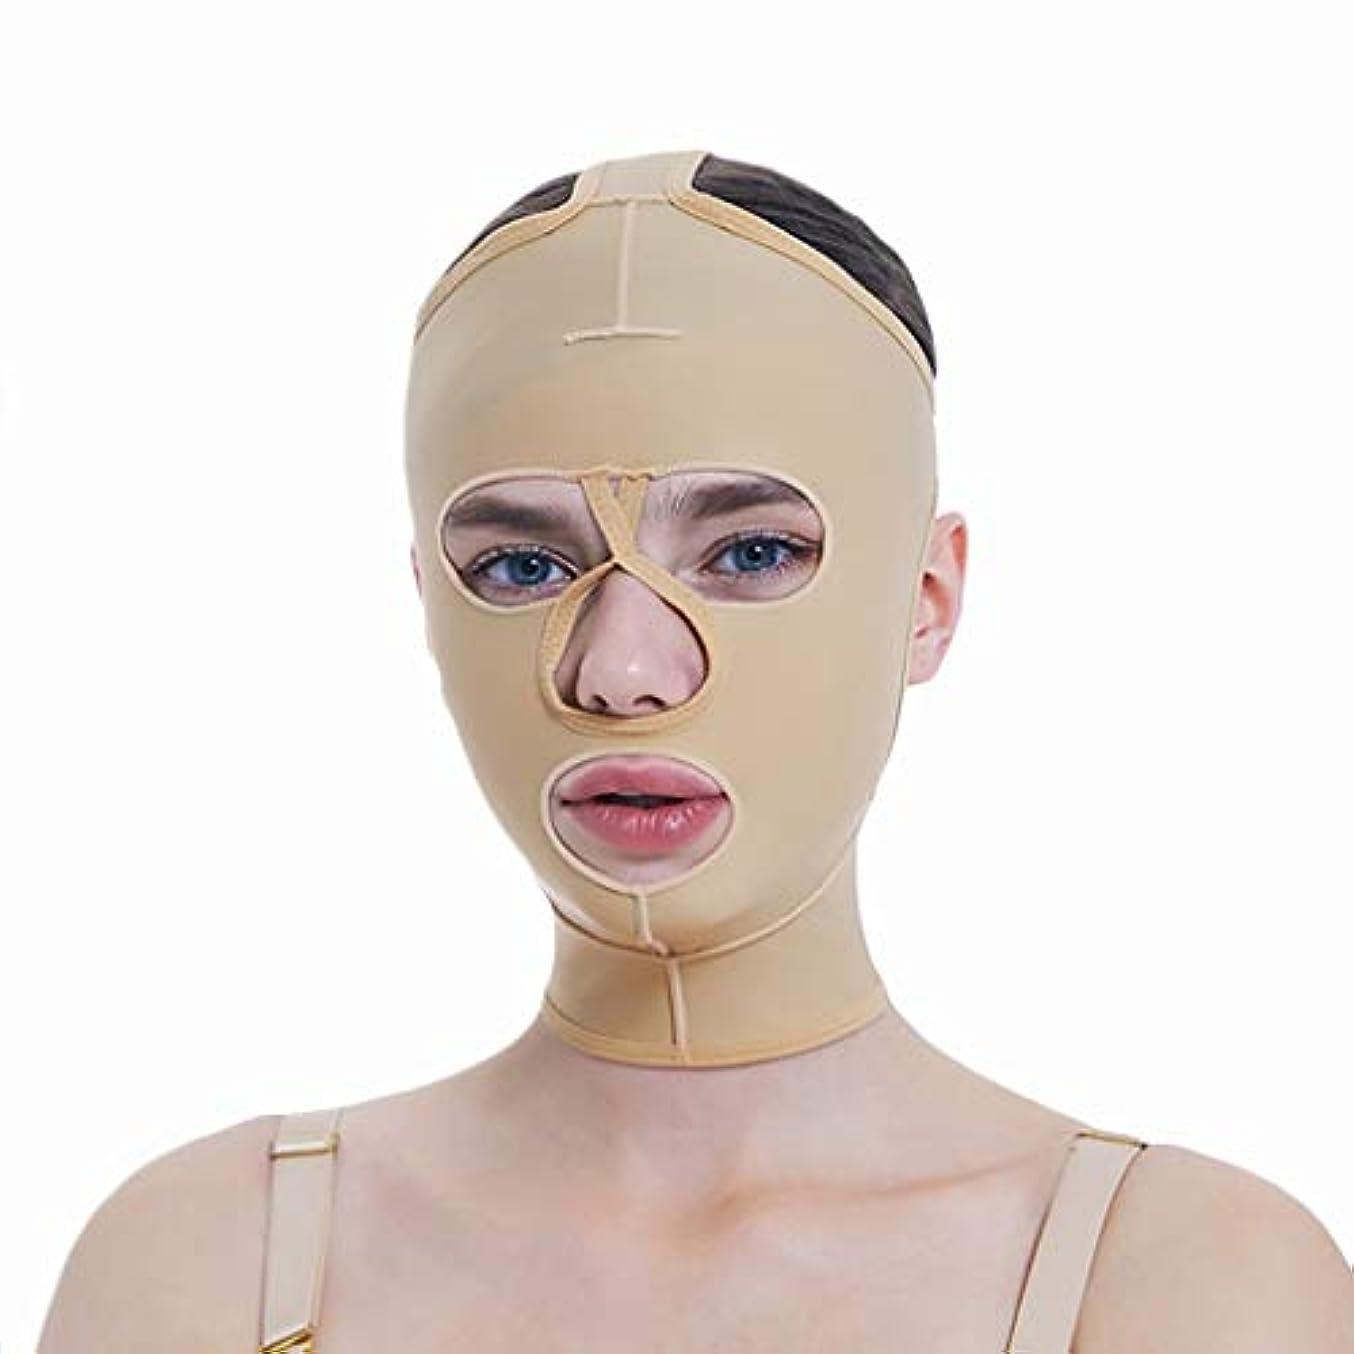 パン屋選出する定規顔の減量マスク、フルカバレッジ包帯、フルフェイスリフティングマスク、フェイスマスク、快適で通気性、リフティングシェーピング (Size : XL)